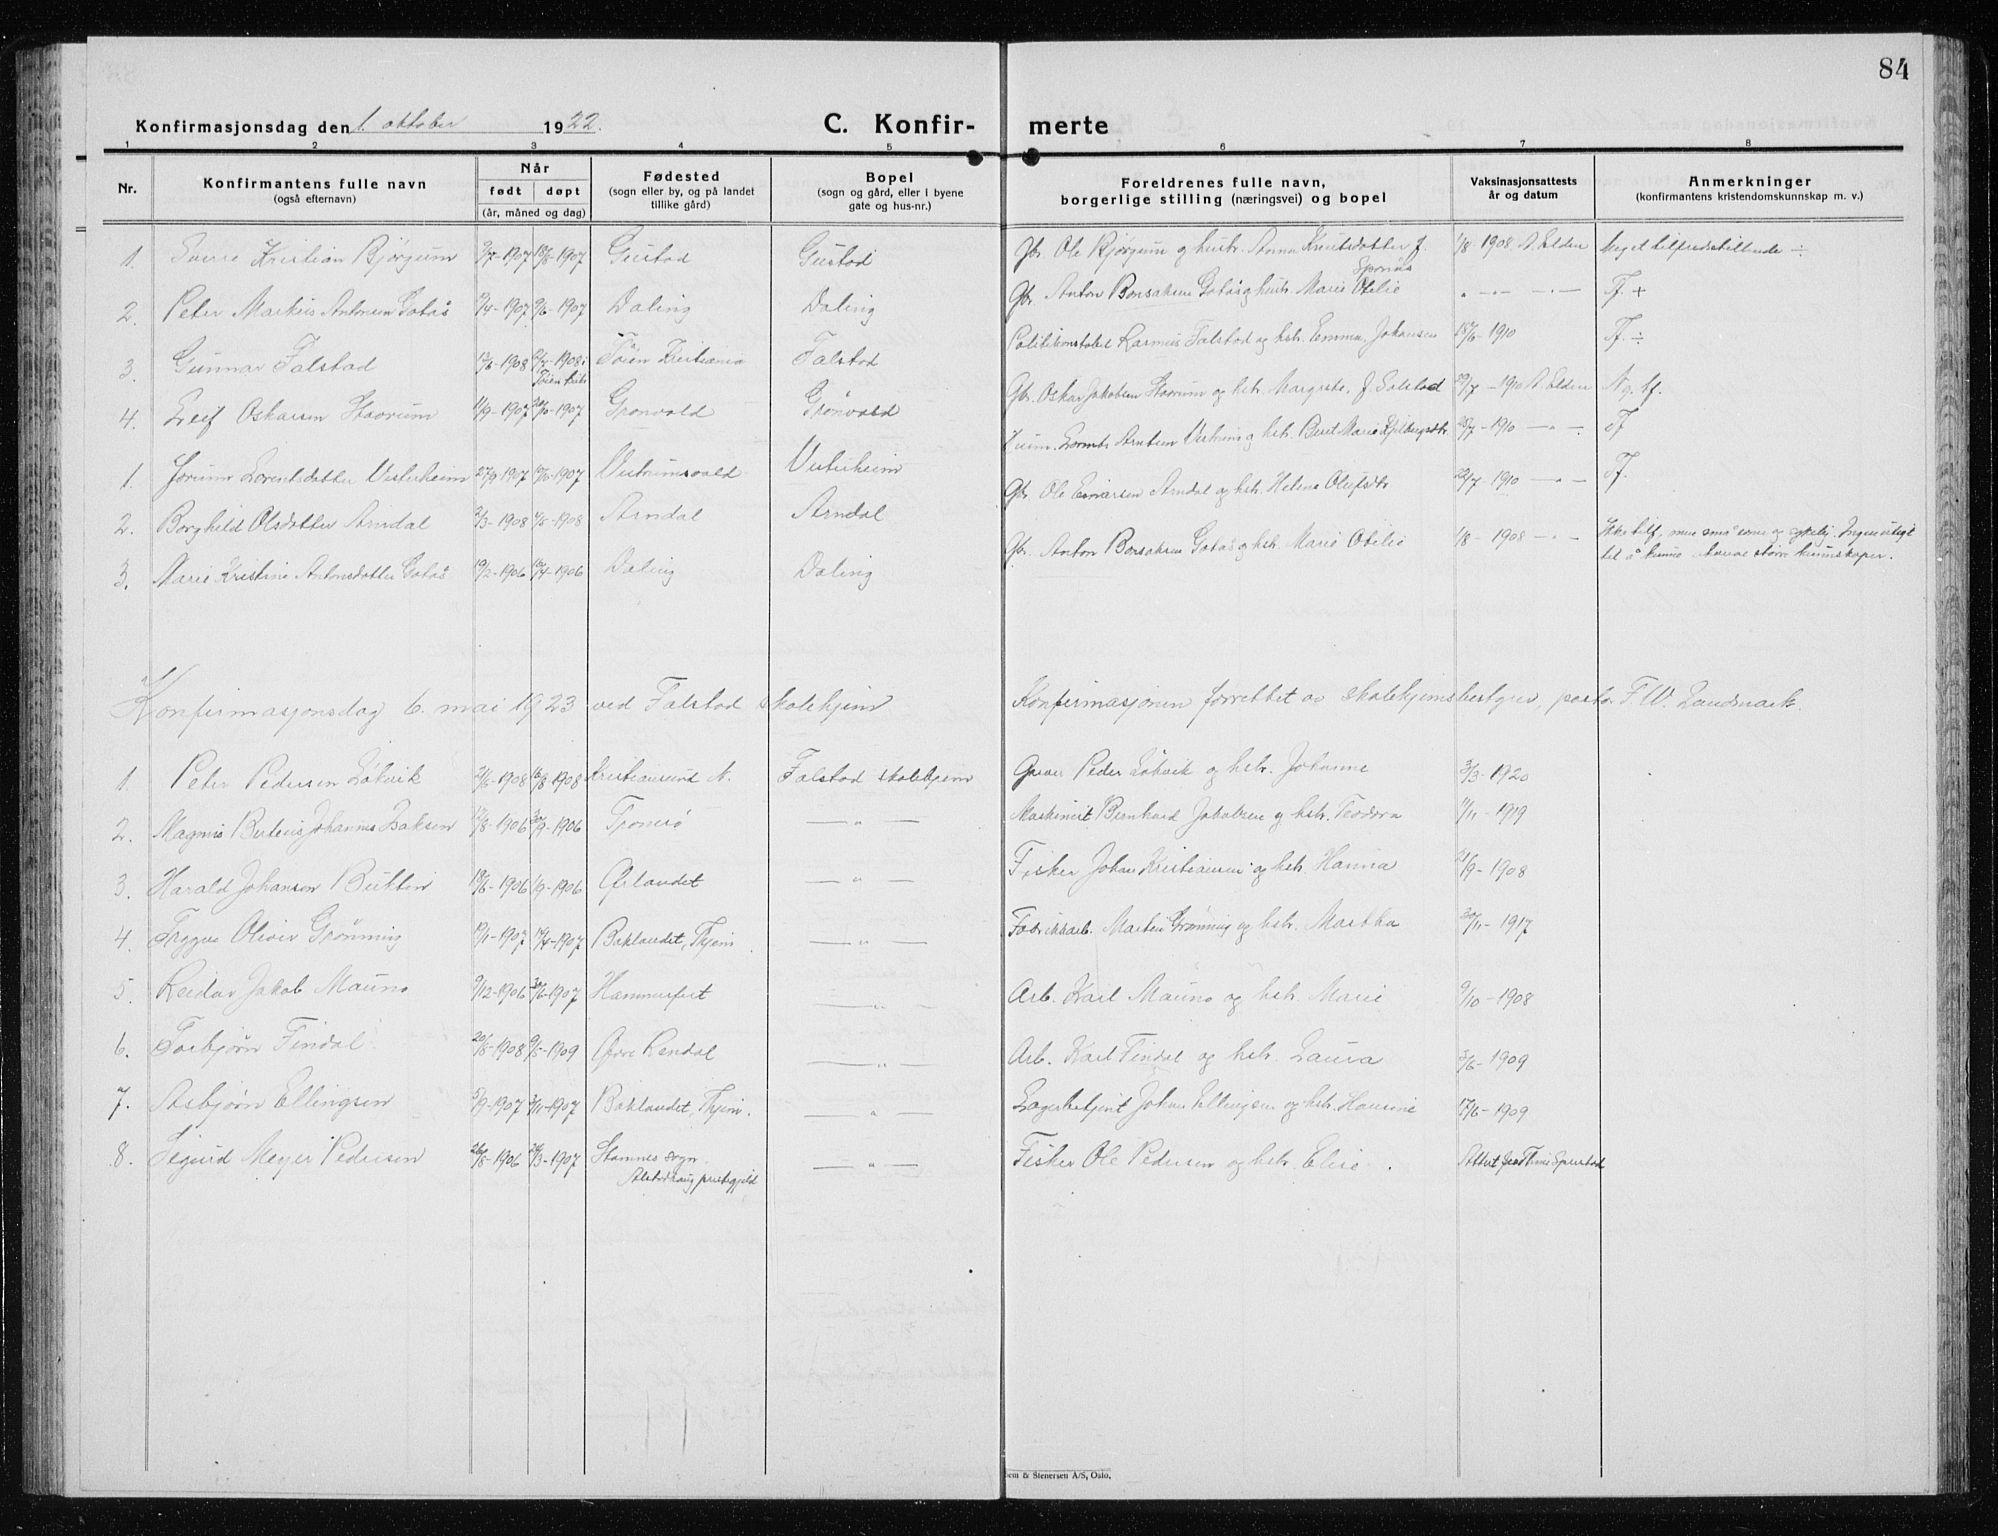 SAT, Ministerialprotokoller, klokkerbøker og fødselsregistre - Nord-Trøndelag, 719/L0180: Klokkerbok nr. 719C01, 1878-1940, s. 84